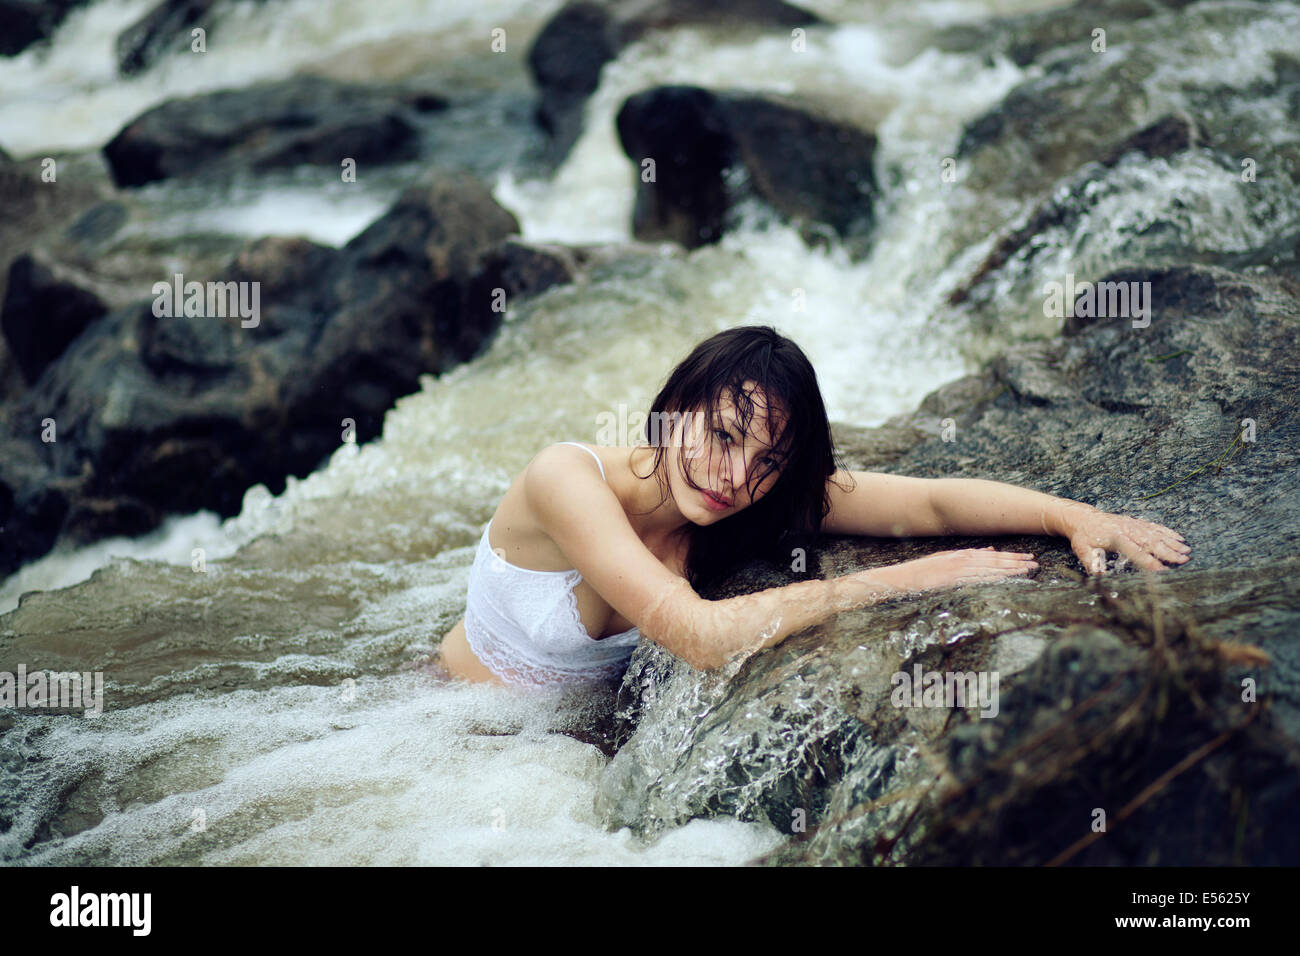 Jeune femme est assise dans un ruisseau Photo Stock